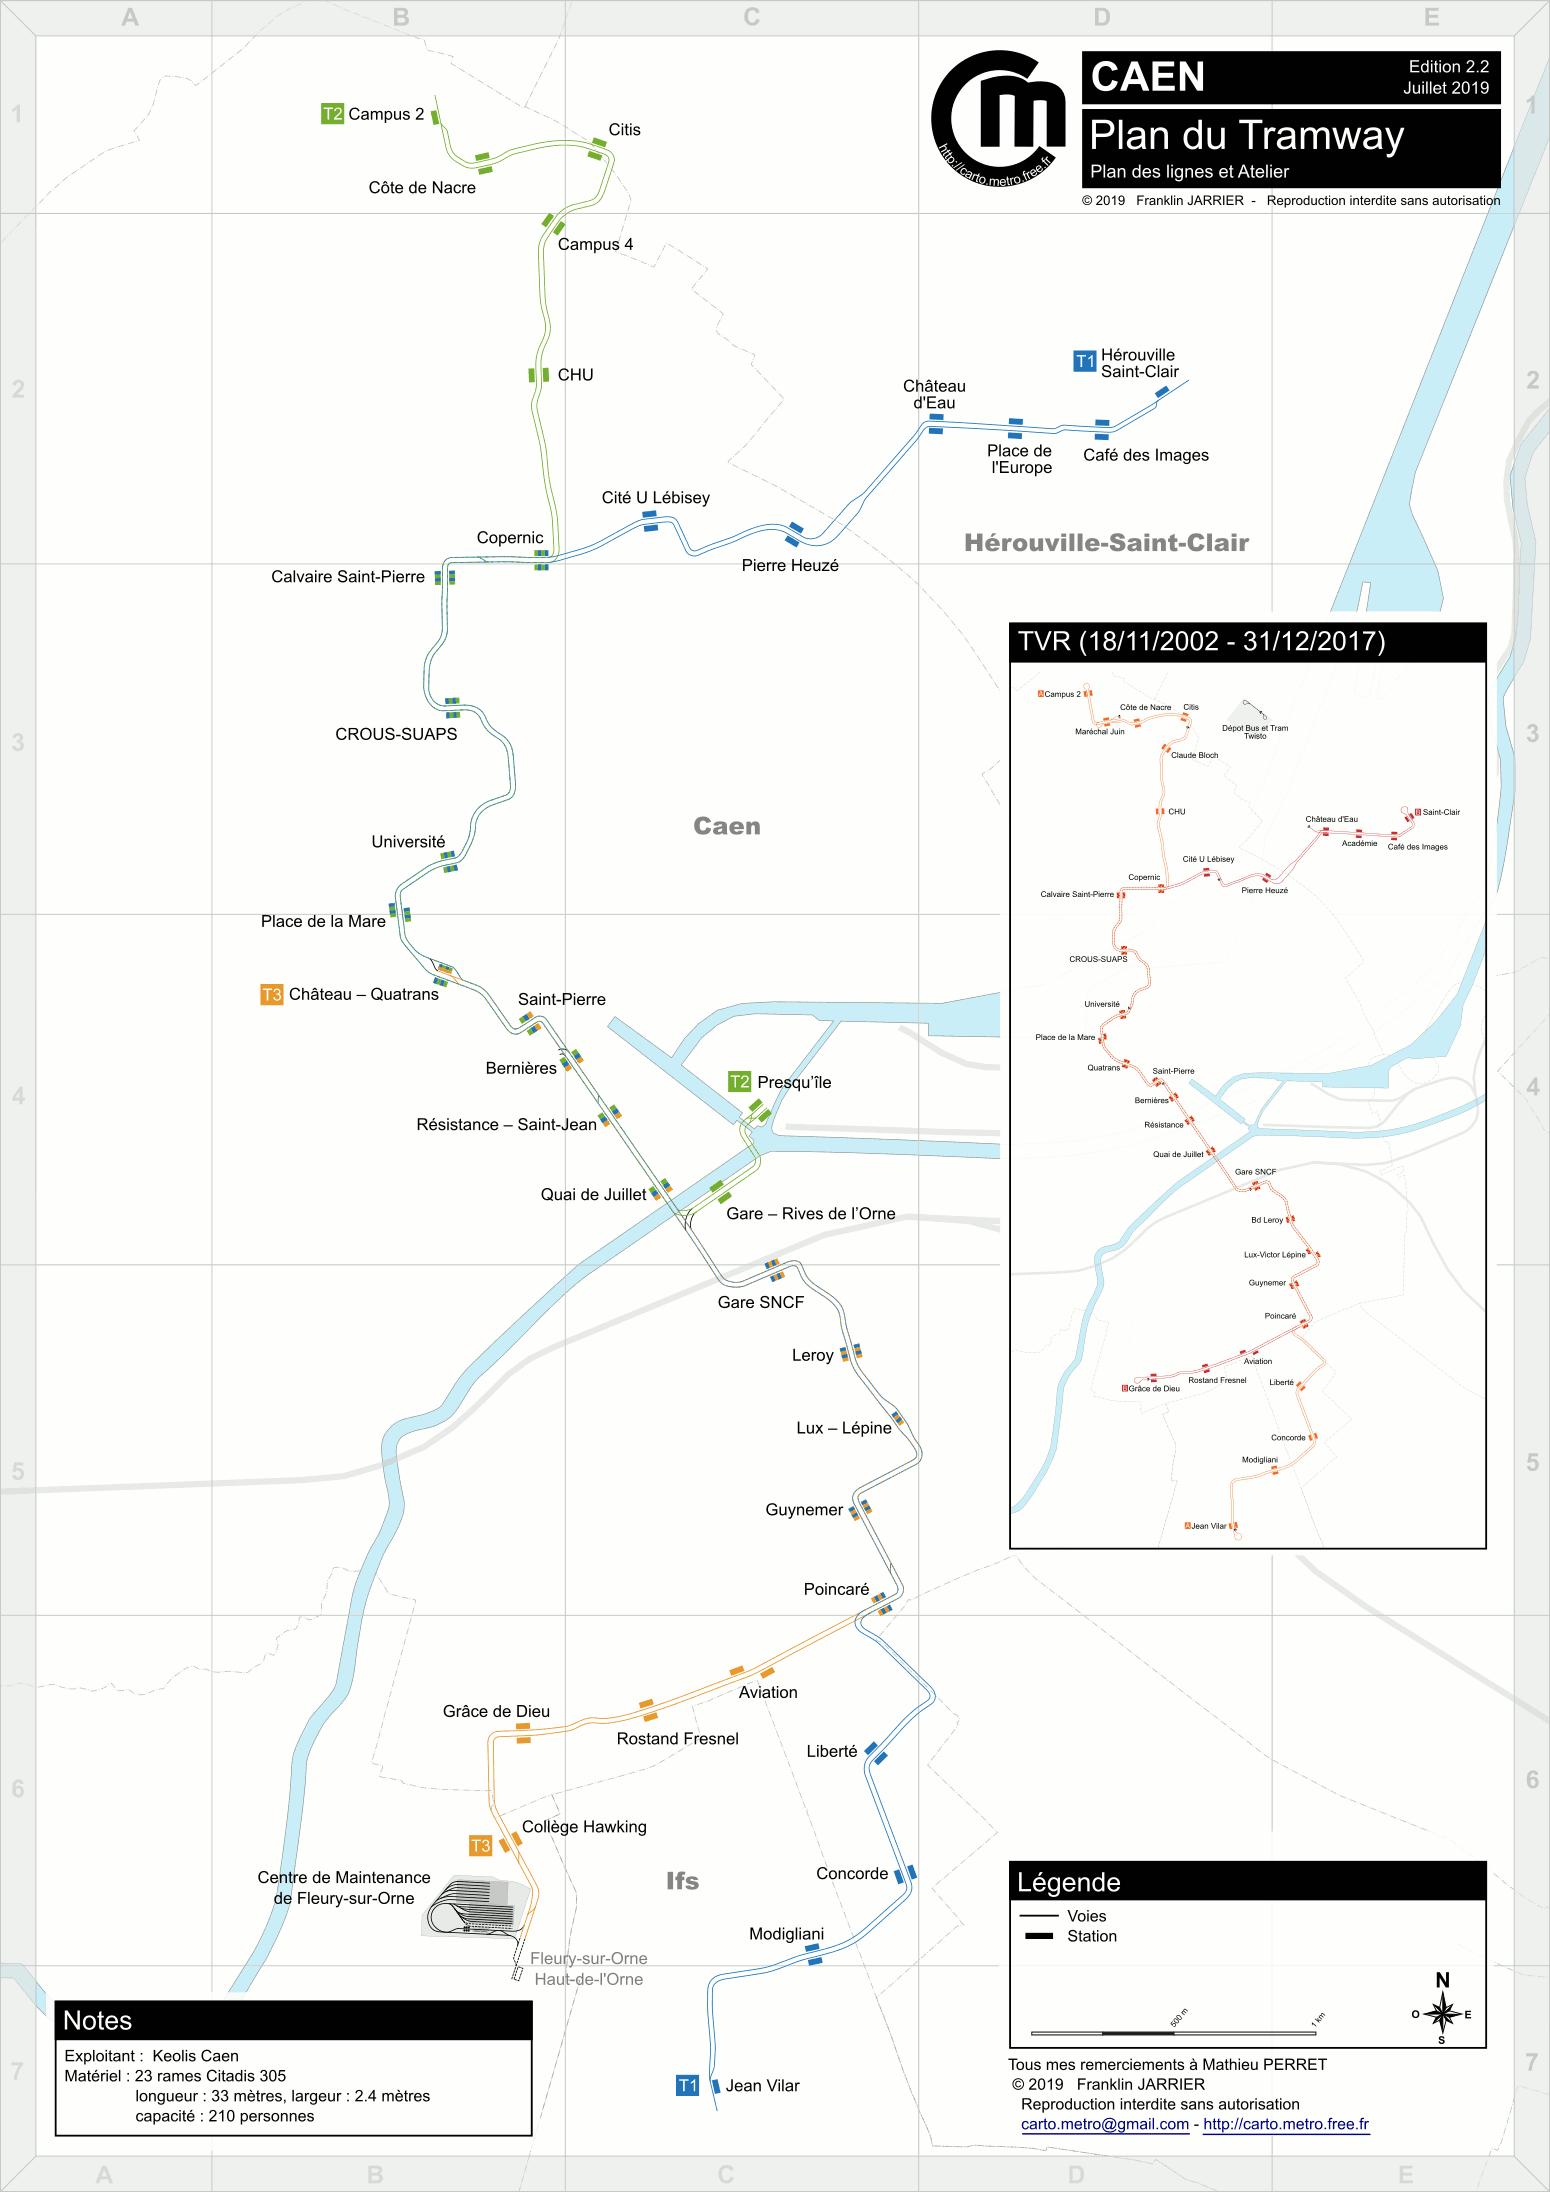 Detailled Tracks map - Paris, Lyon, Lausanne, Milan, Turin tracks maps